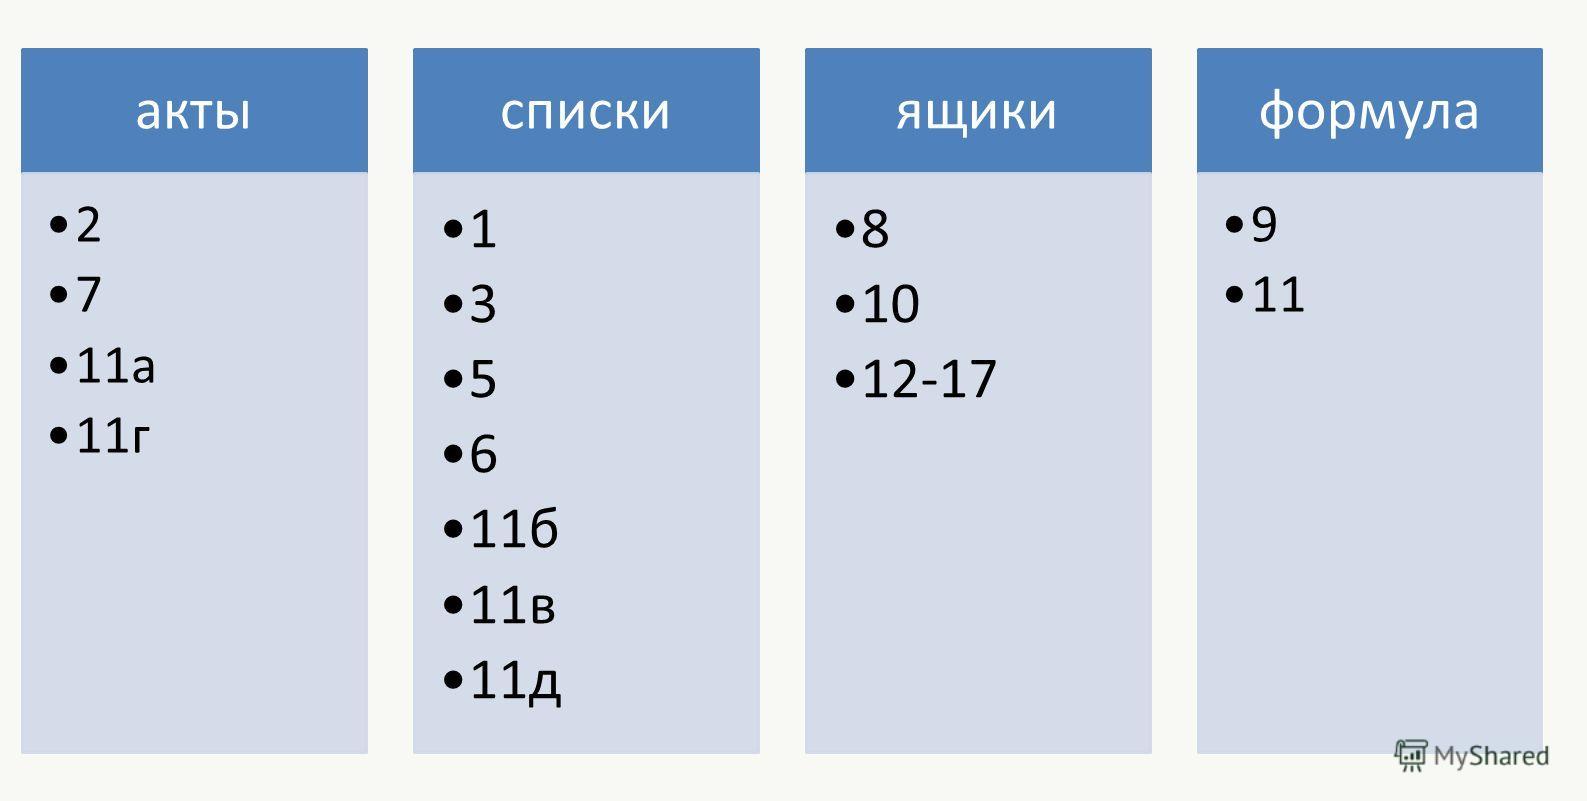 акты 2 7 11а 11г списки 1 3 5 6 11б 11в 11д ящики 8 10 12-17 формула 9 11